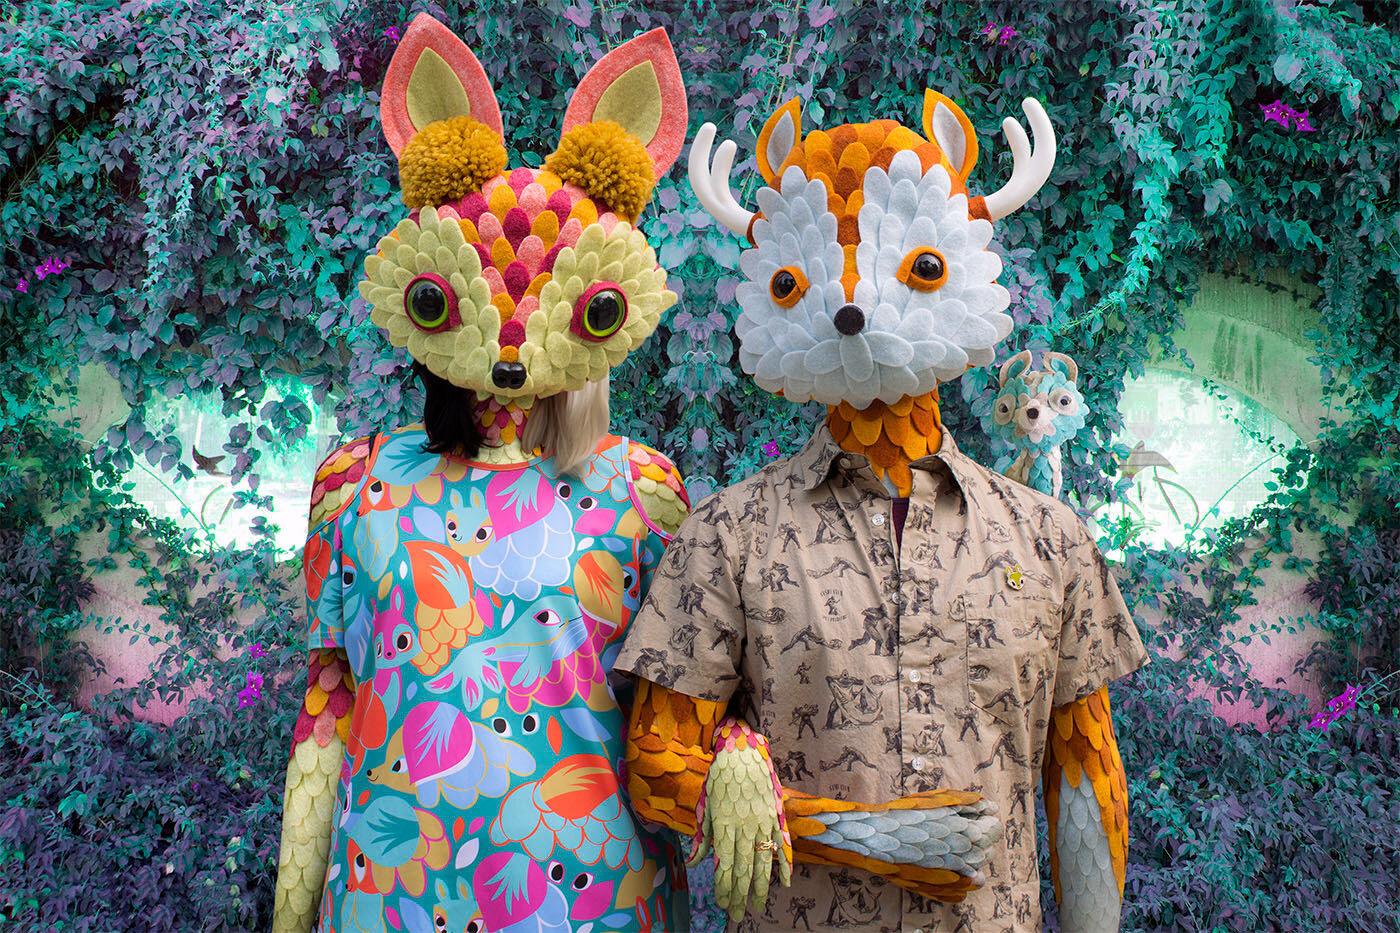 Foto Horribles Adorables de l'exposició Symbiosis